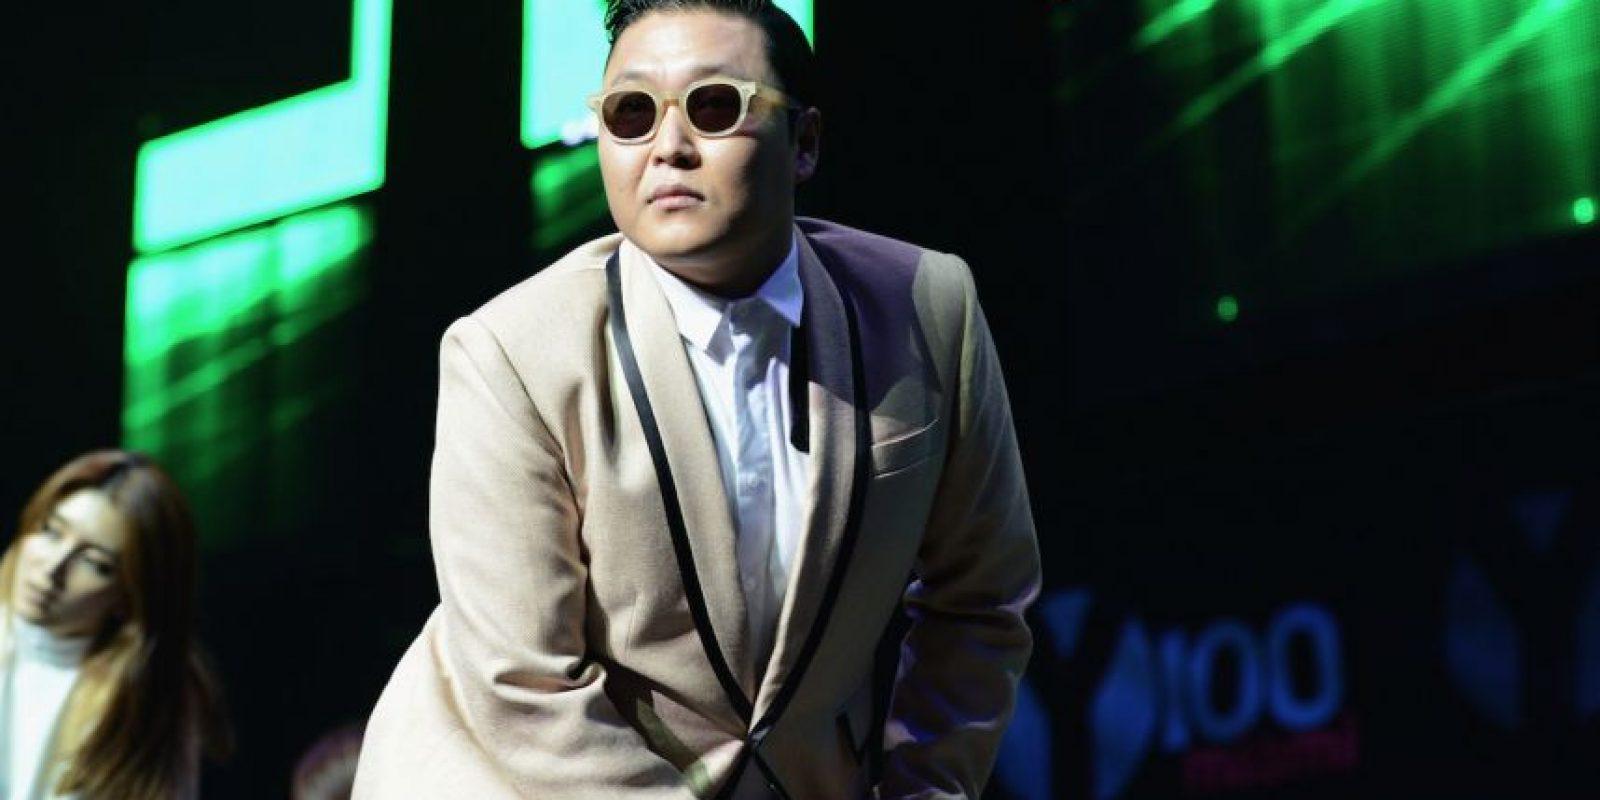 """En 2012, este hombre se convirtió en una celebridad mundial gracias al éxito de la canción """"Gangnam Style"""" Foto:Getty Images"""